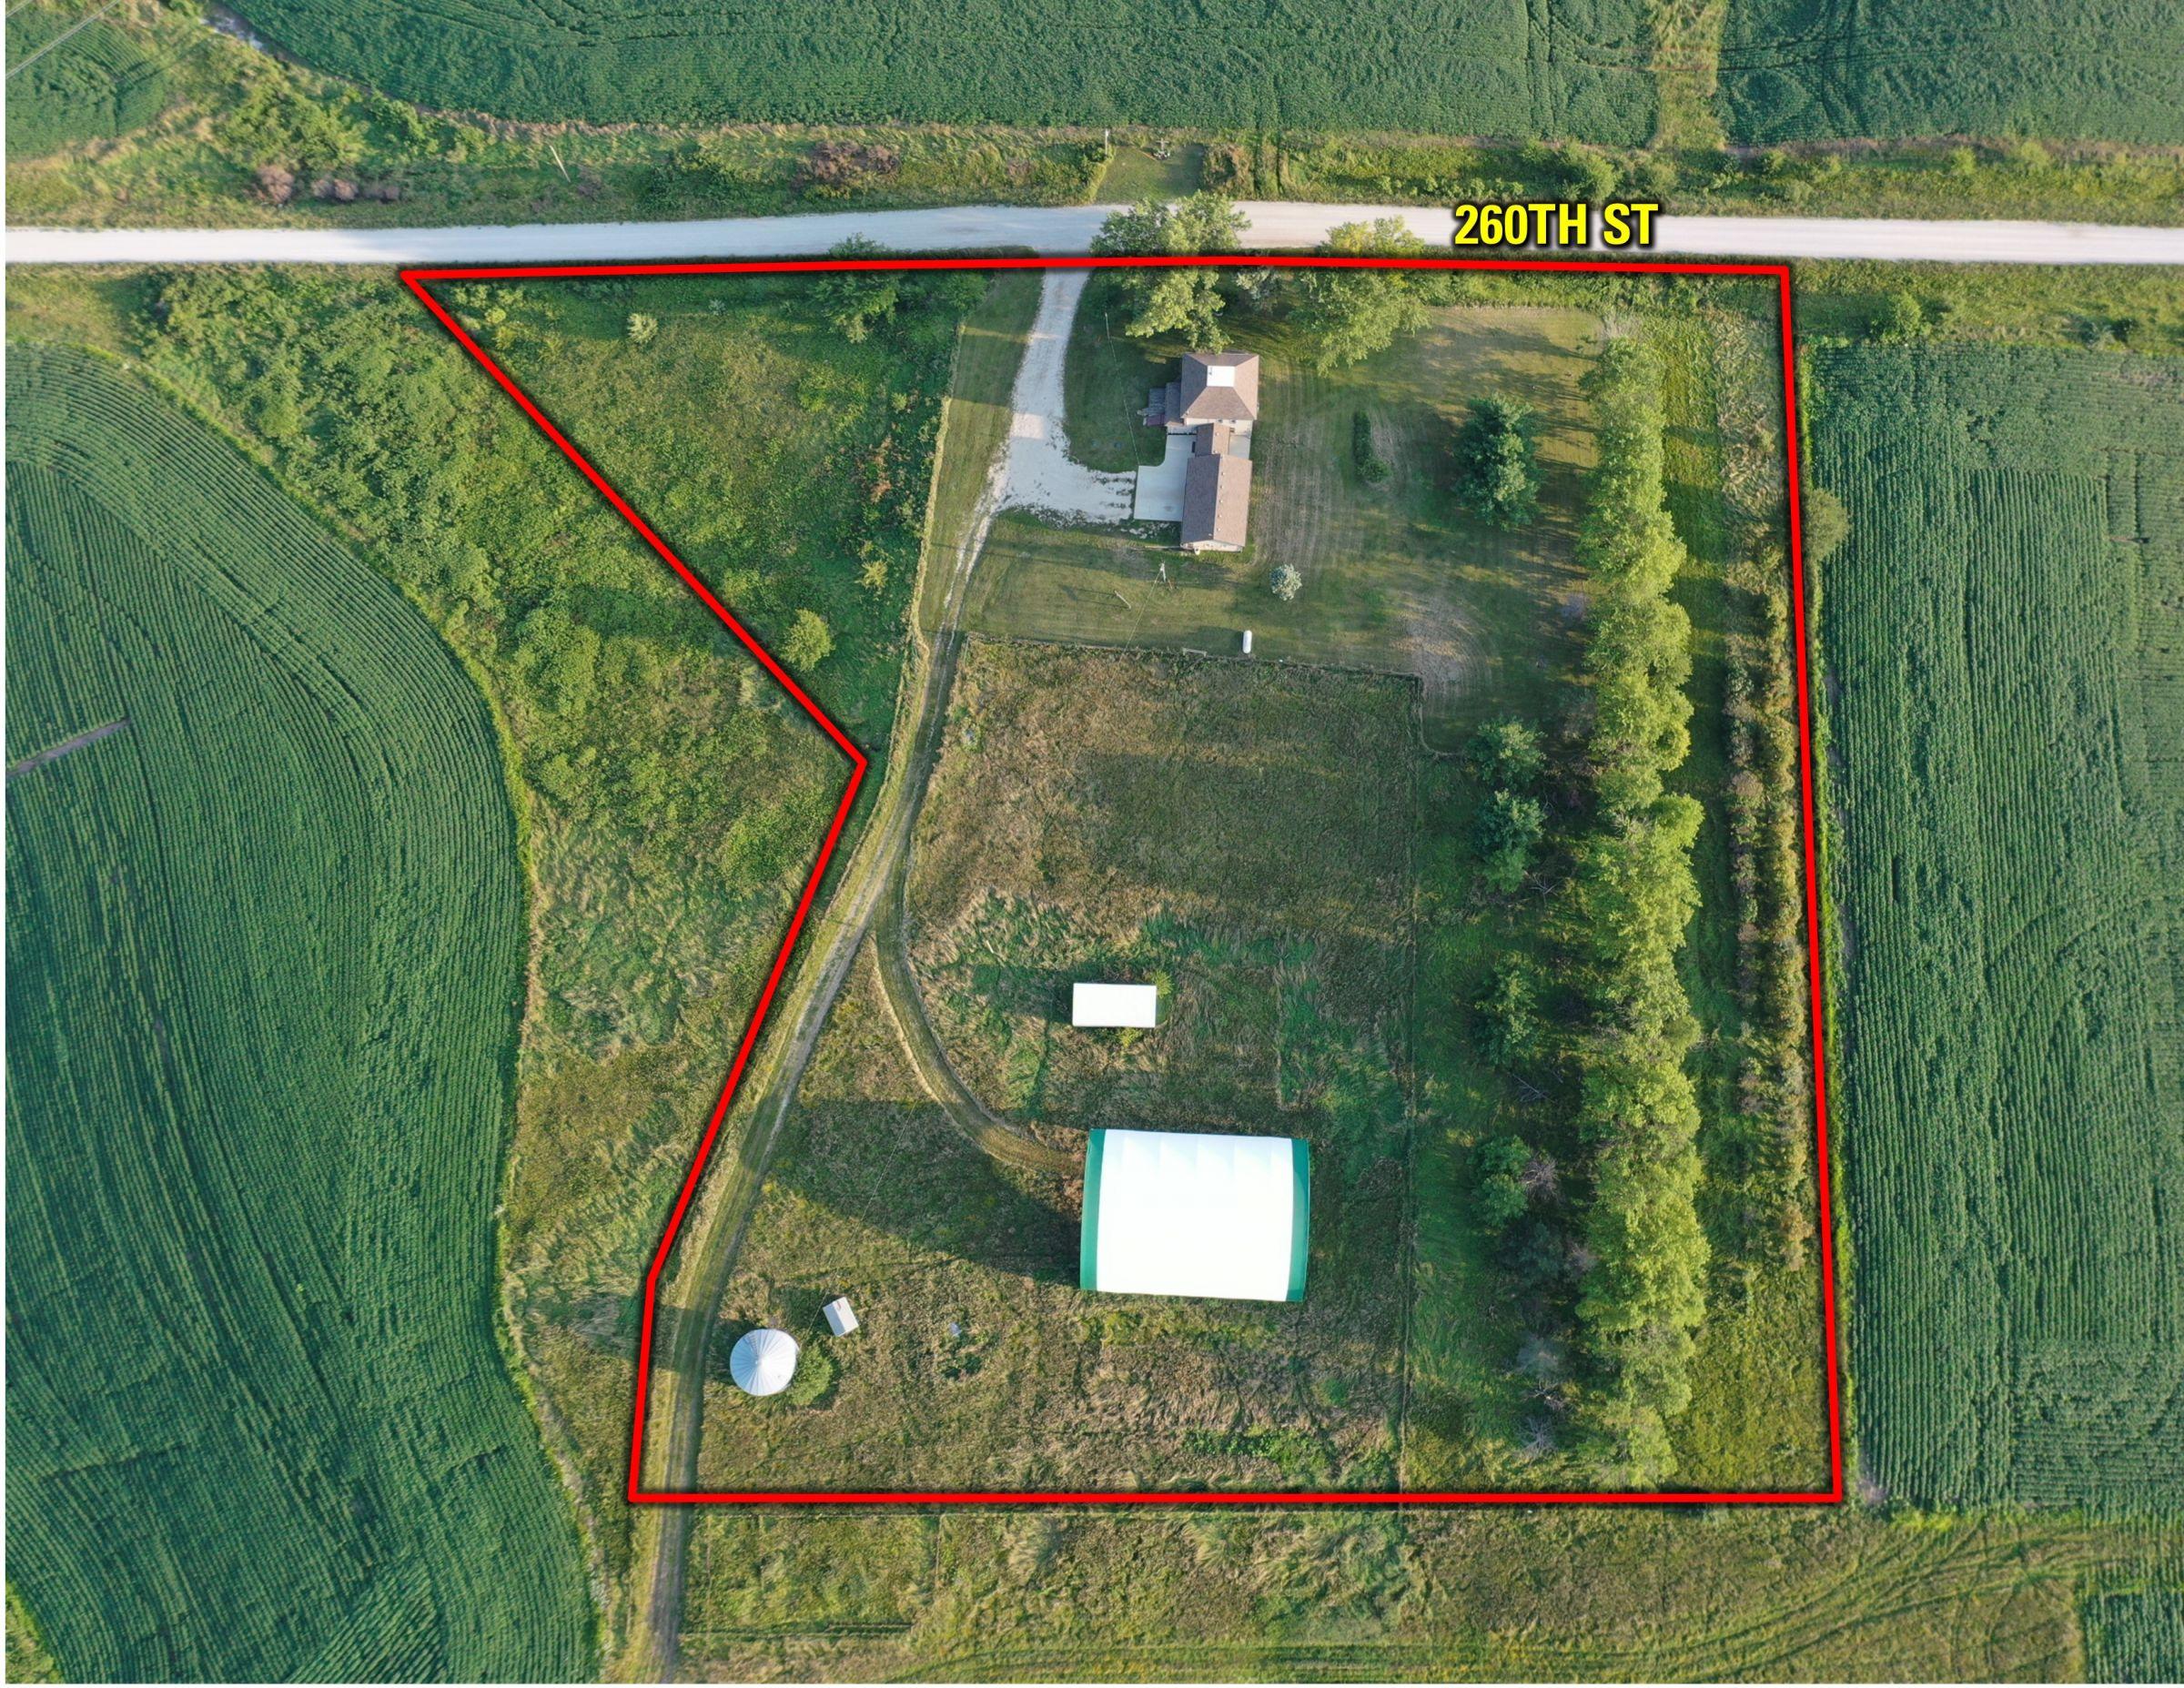 residential-adair-county-iowa-6-acres-listing-number-15664-1-2021-08-10-140613.jpg